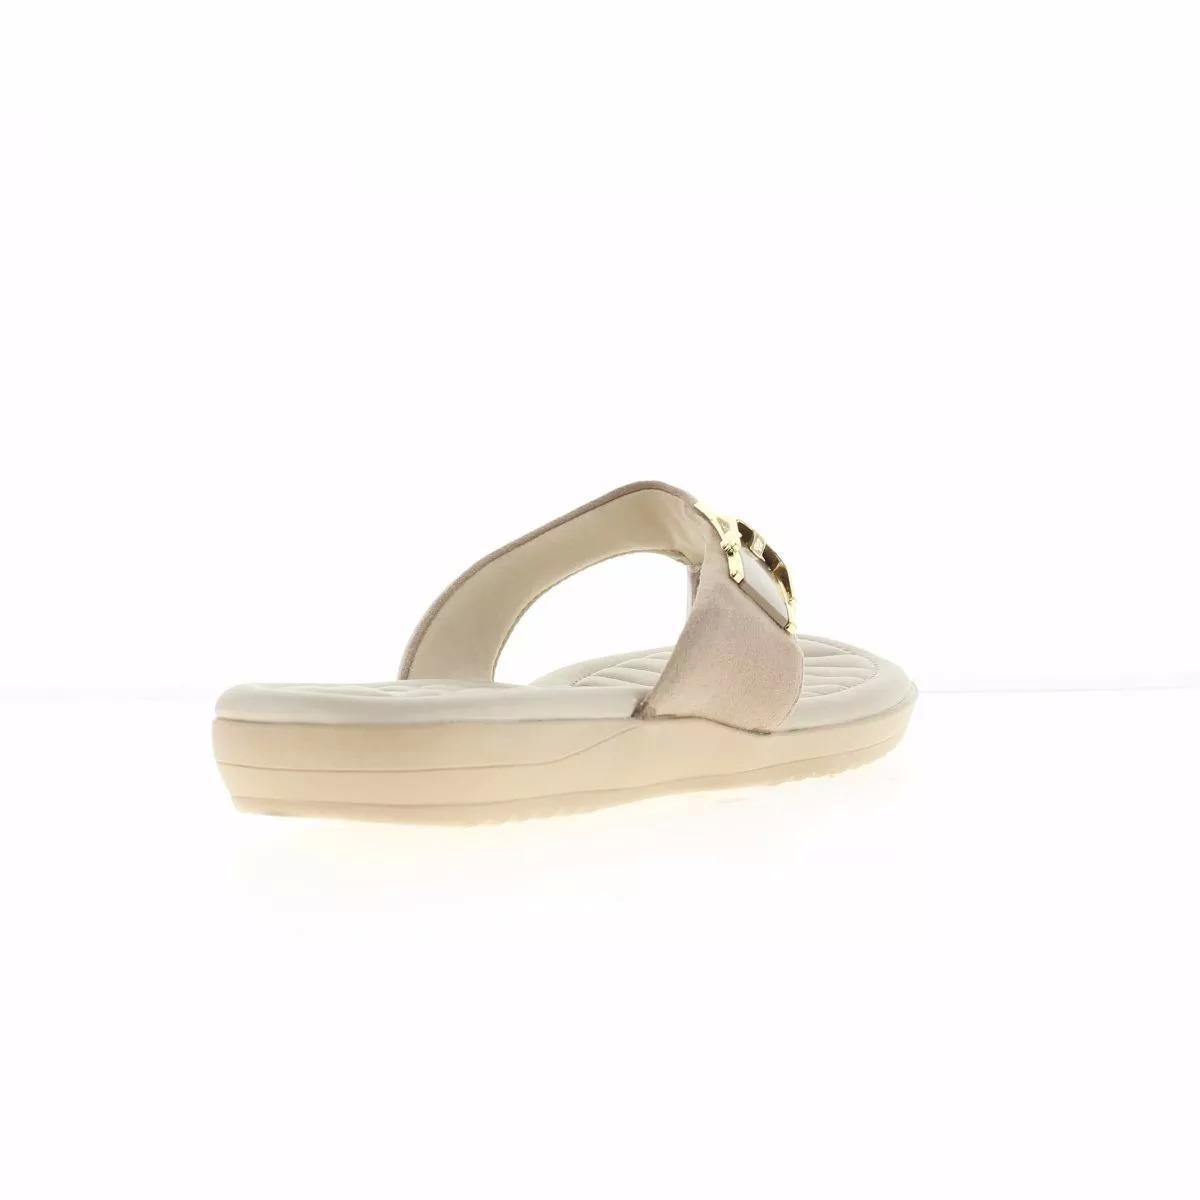 49df827e8 sandália rasteira comfortflex com fivela feminina - nude. Carregando zoom...  sandália comfortflex com. Carregando zoom.